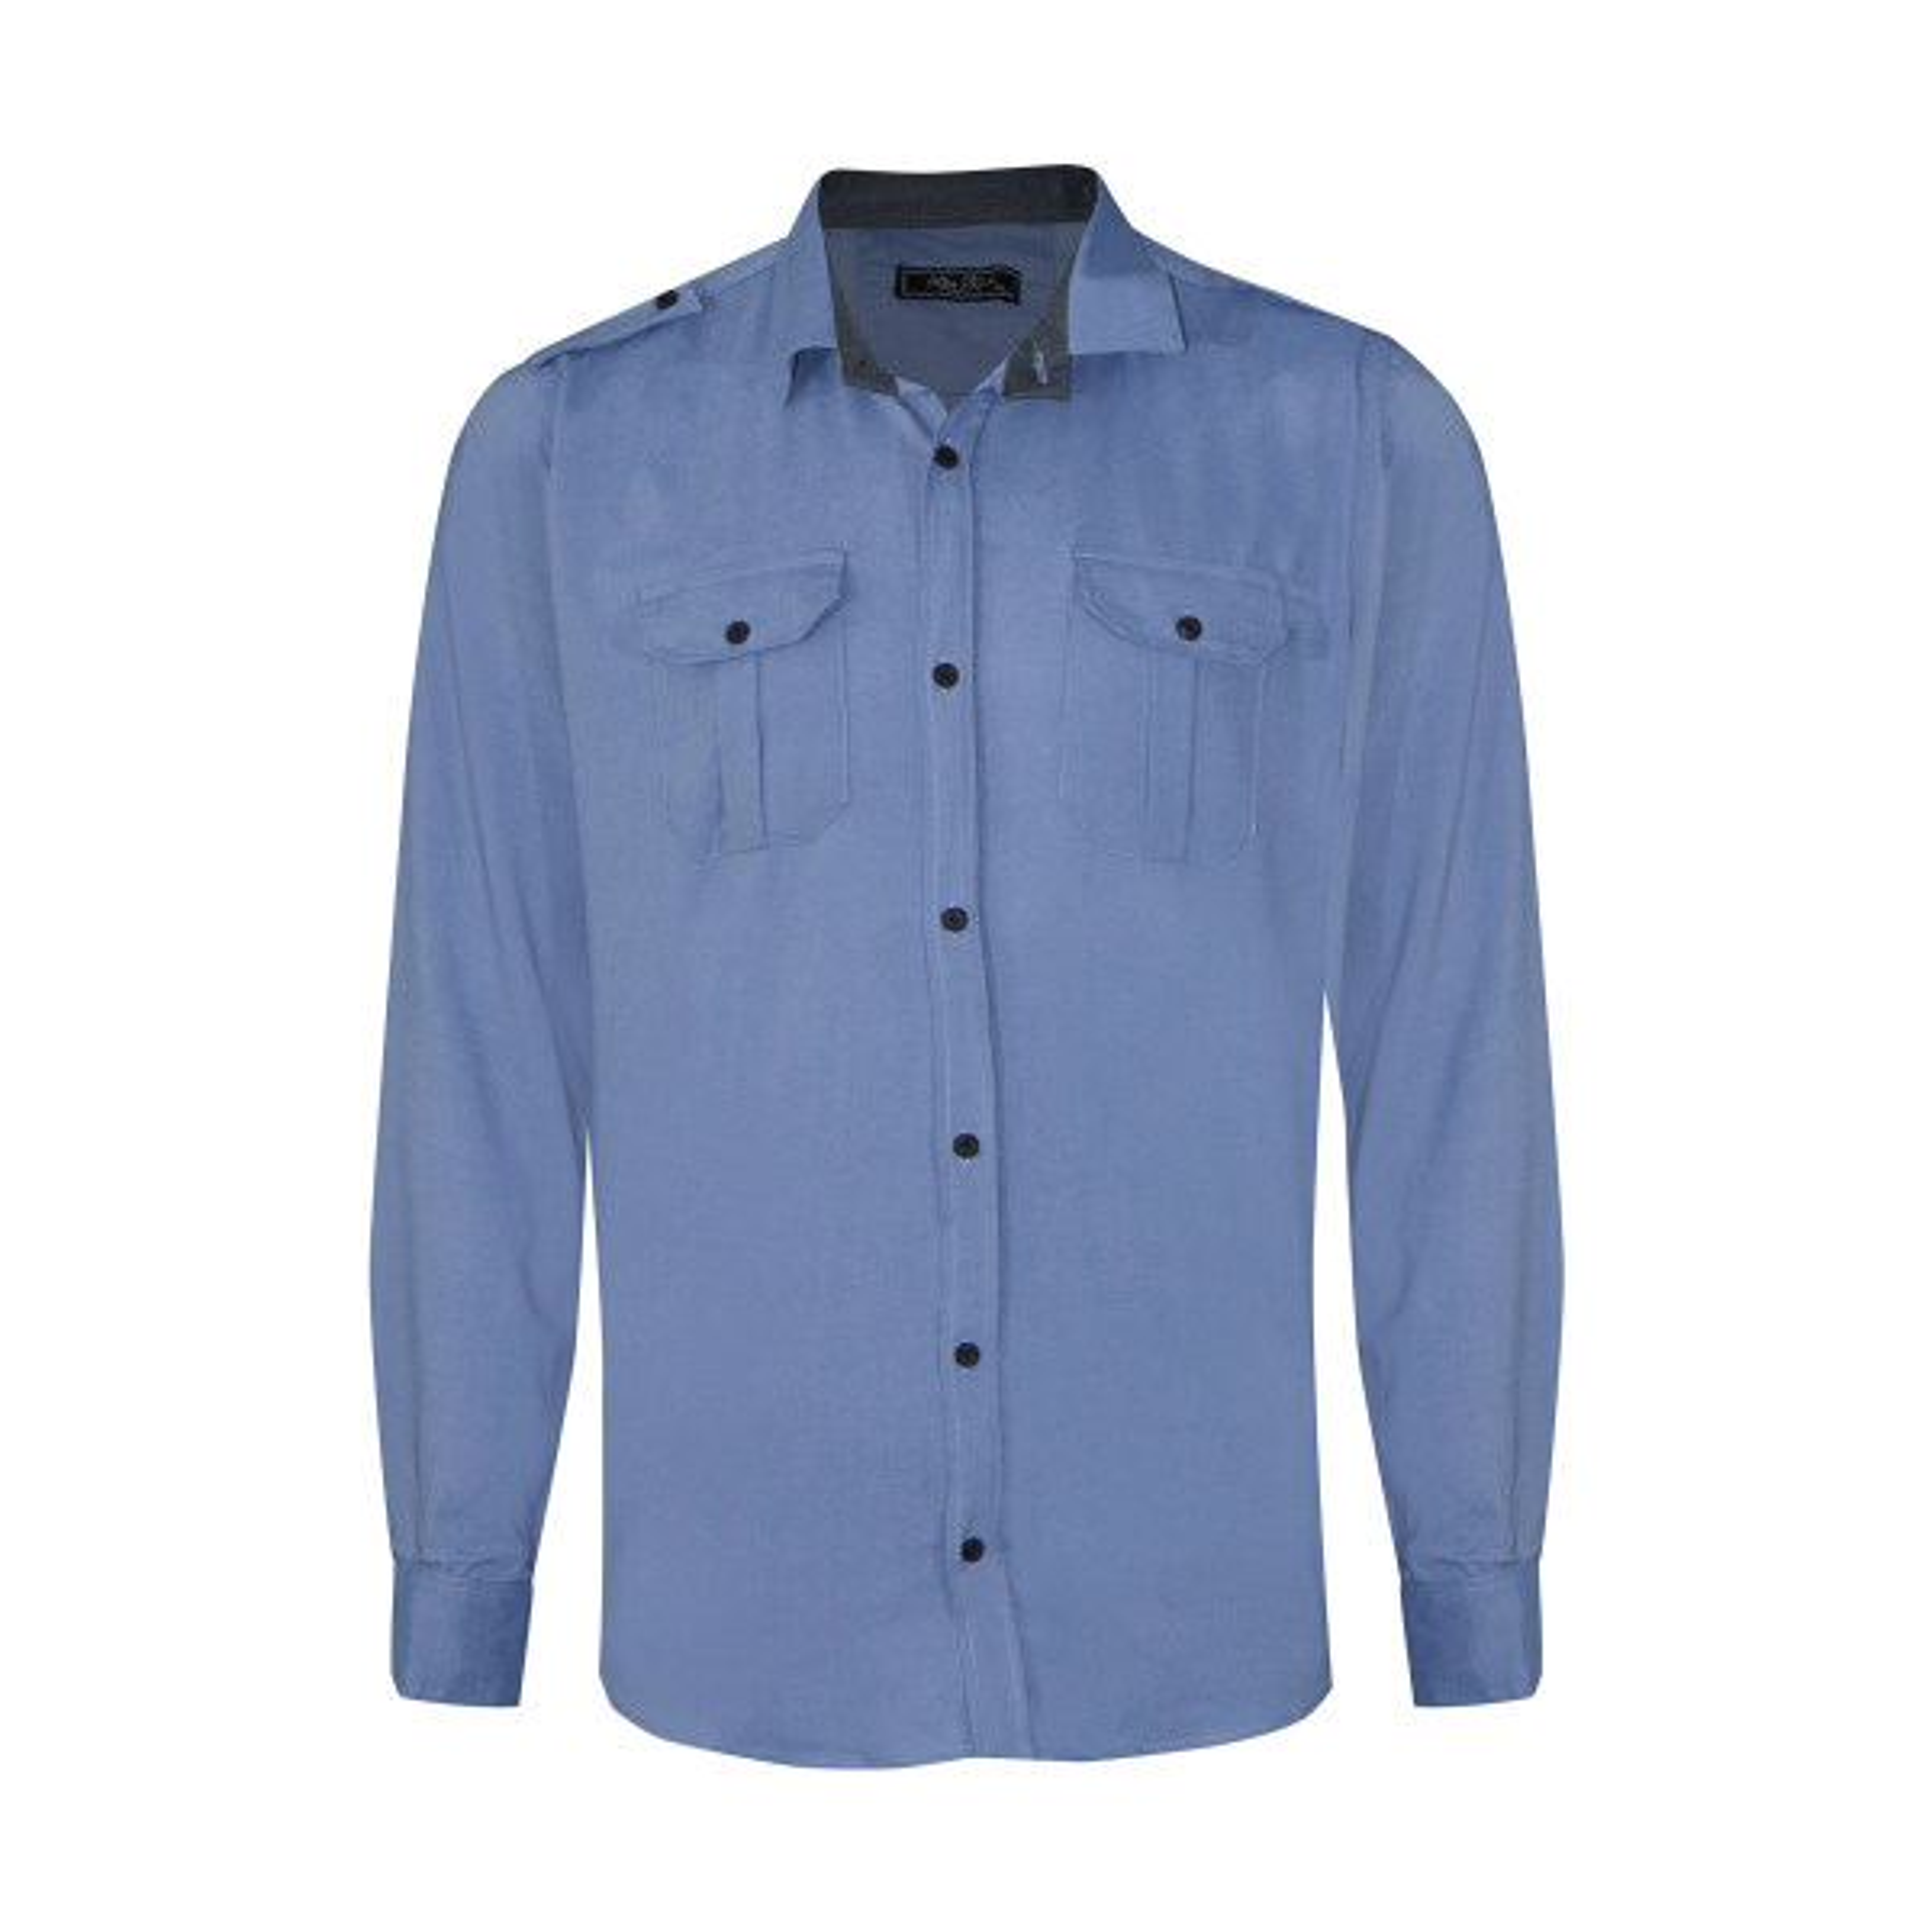 پیراهن مردانه آتا ترک کد 0011